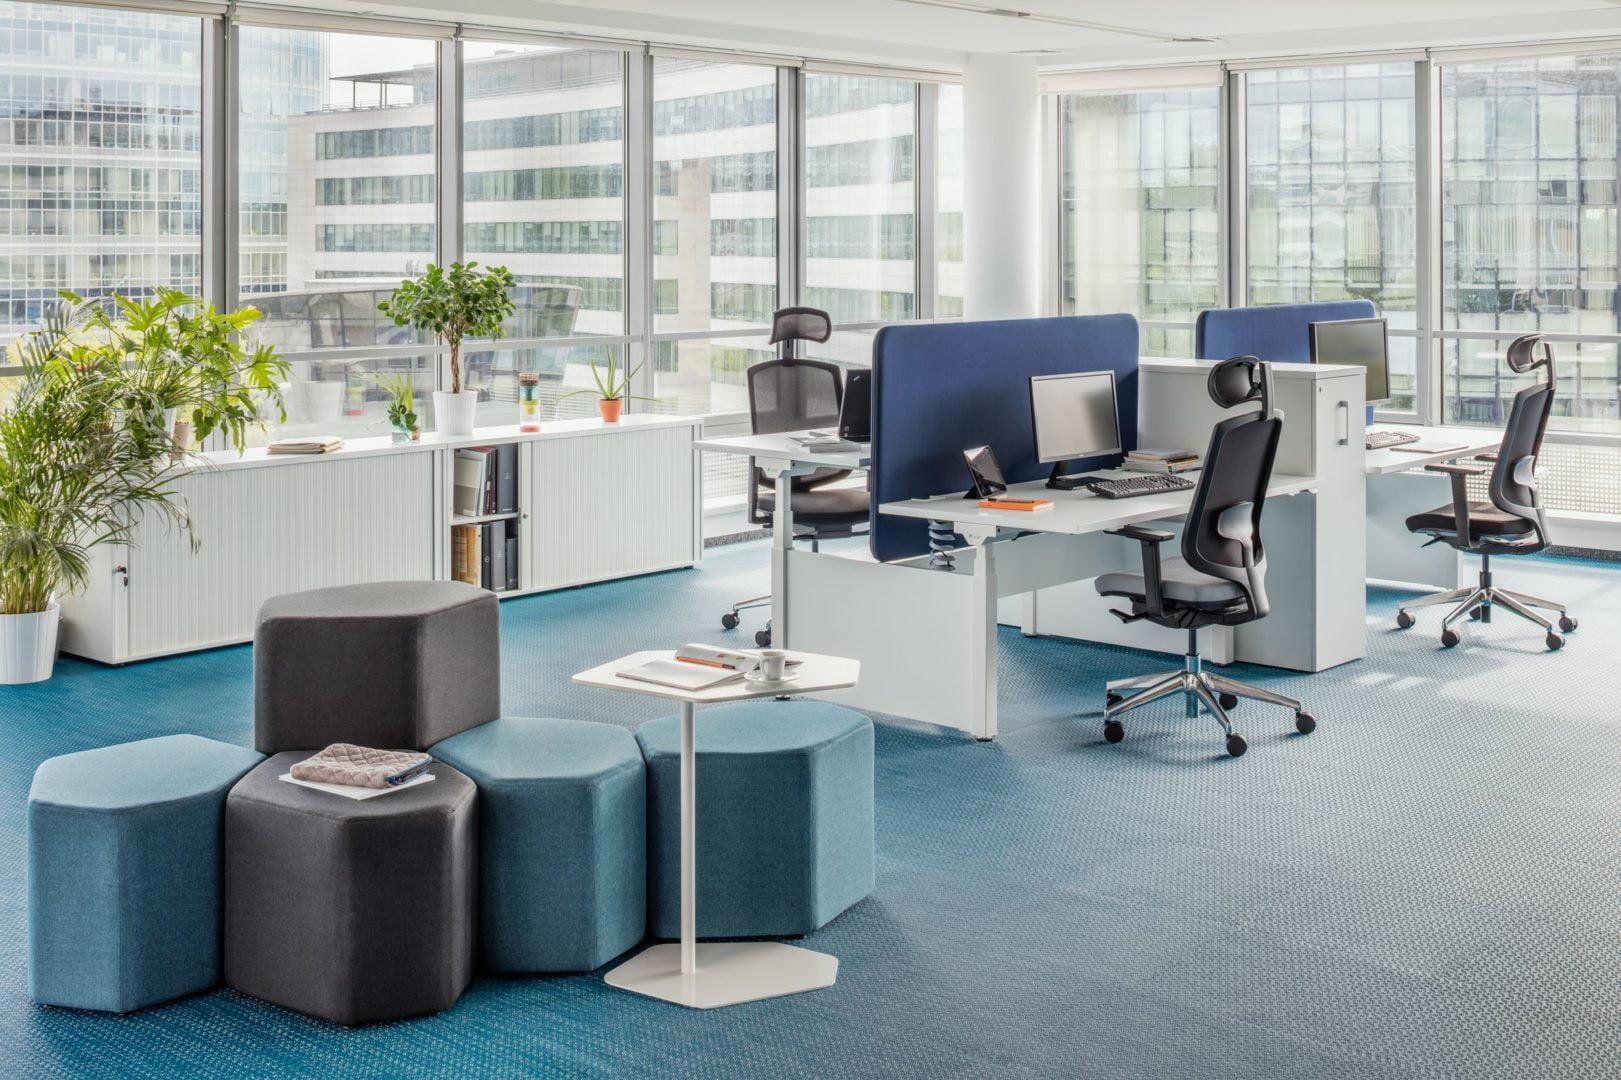 Powrót do biurowej rzeczywistości, czyli jak odzyskać motywację do pracy po urlopie?